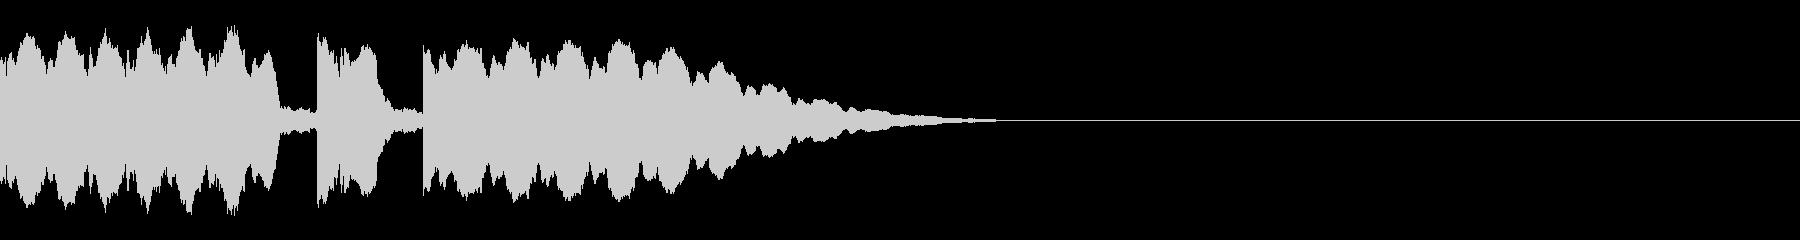 ドッキリ、ユニーク、ギャグなアイキャッチの未再生の波形